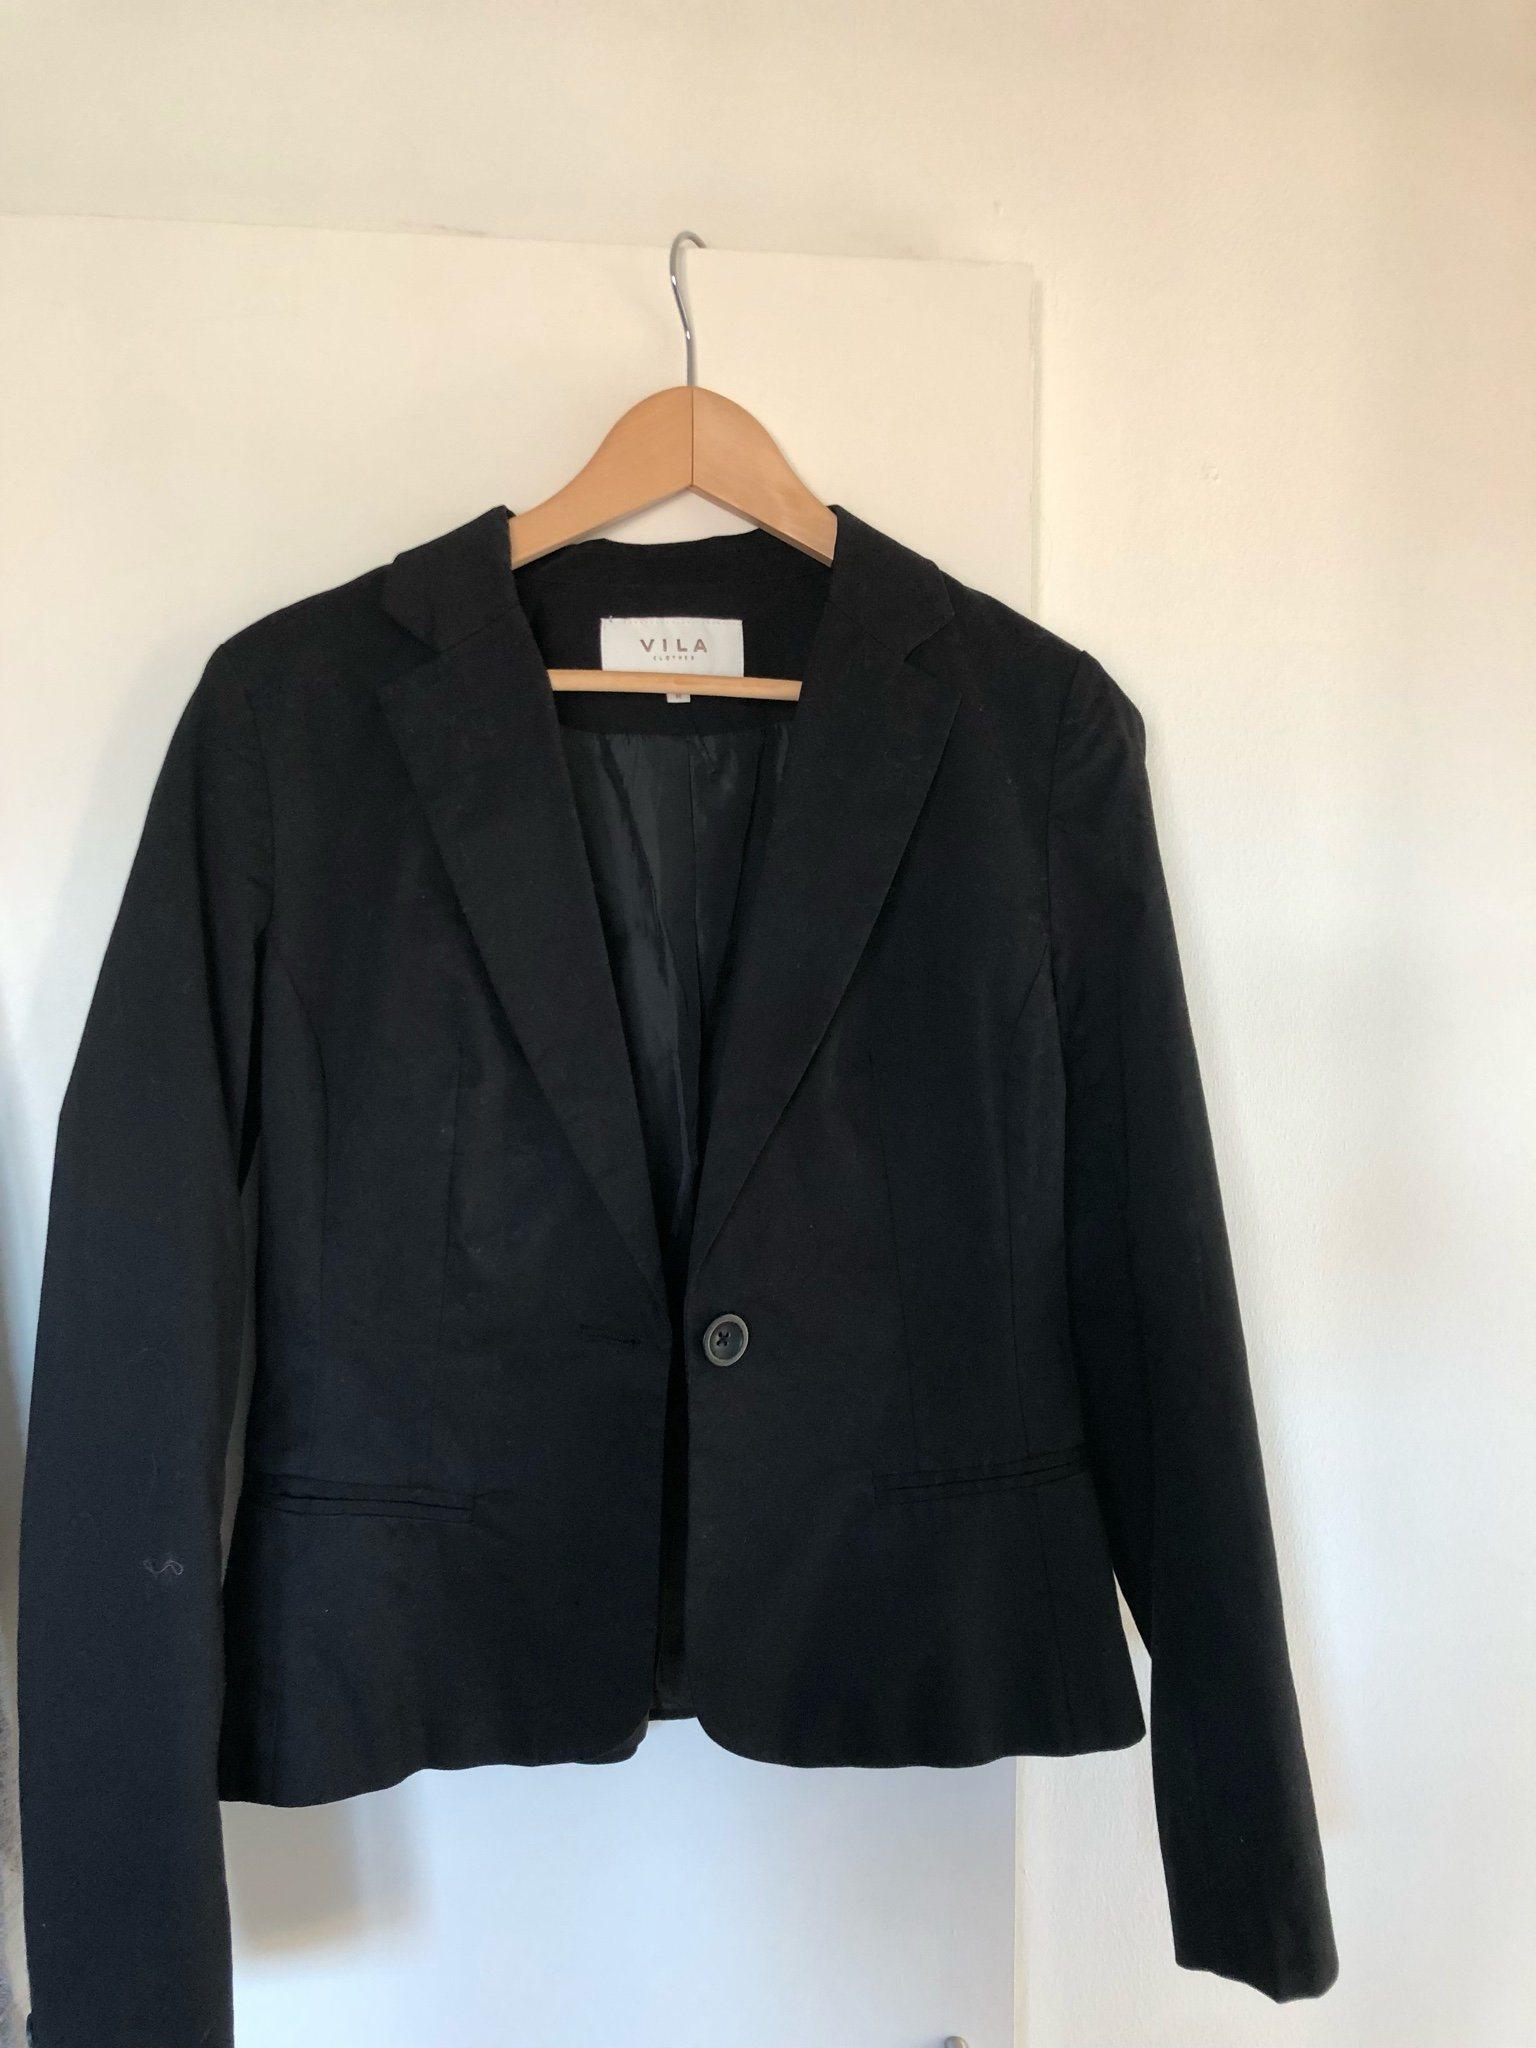 Snygg svart kavaj från VILA stl M (340575463) ᐈ Köp på Tradera 25dcd382715bd